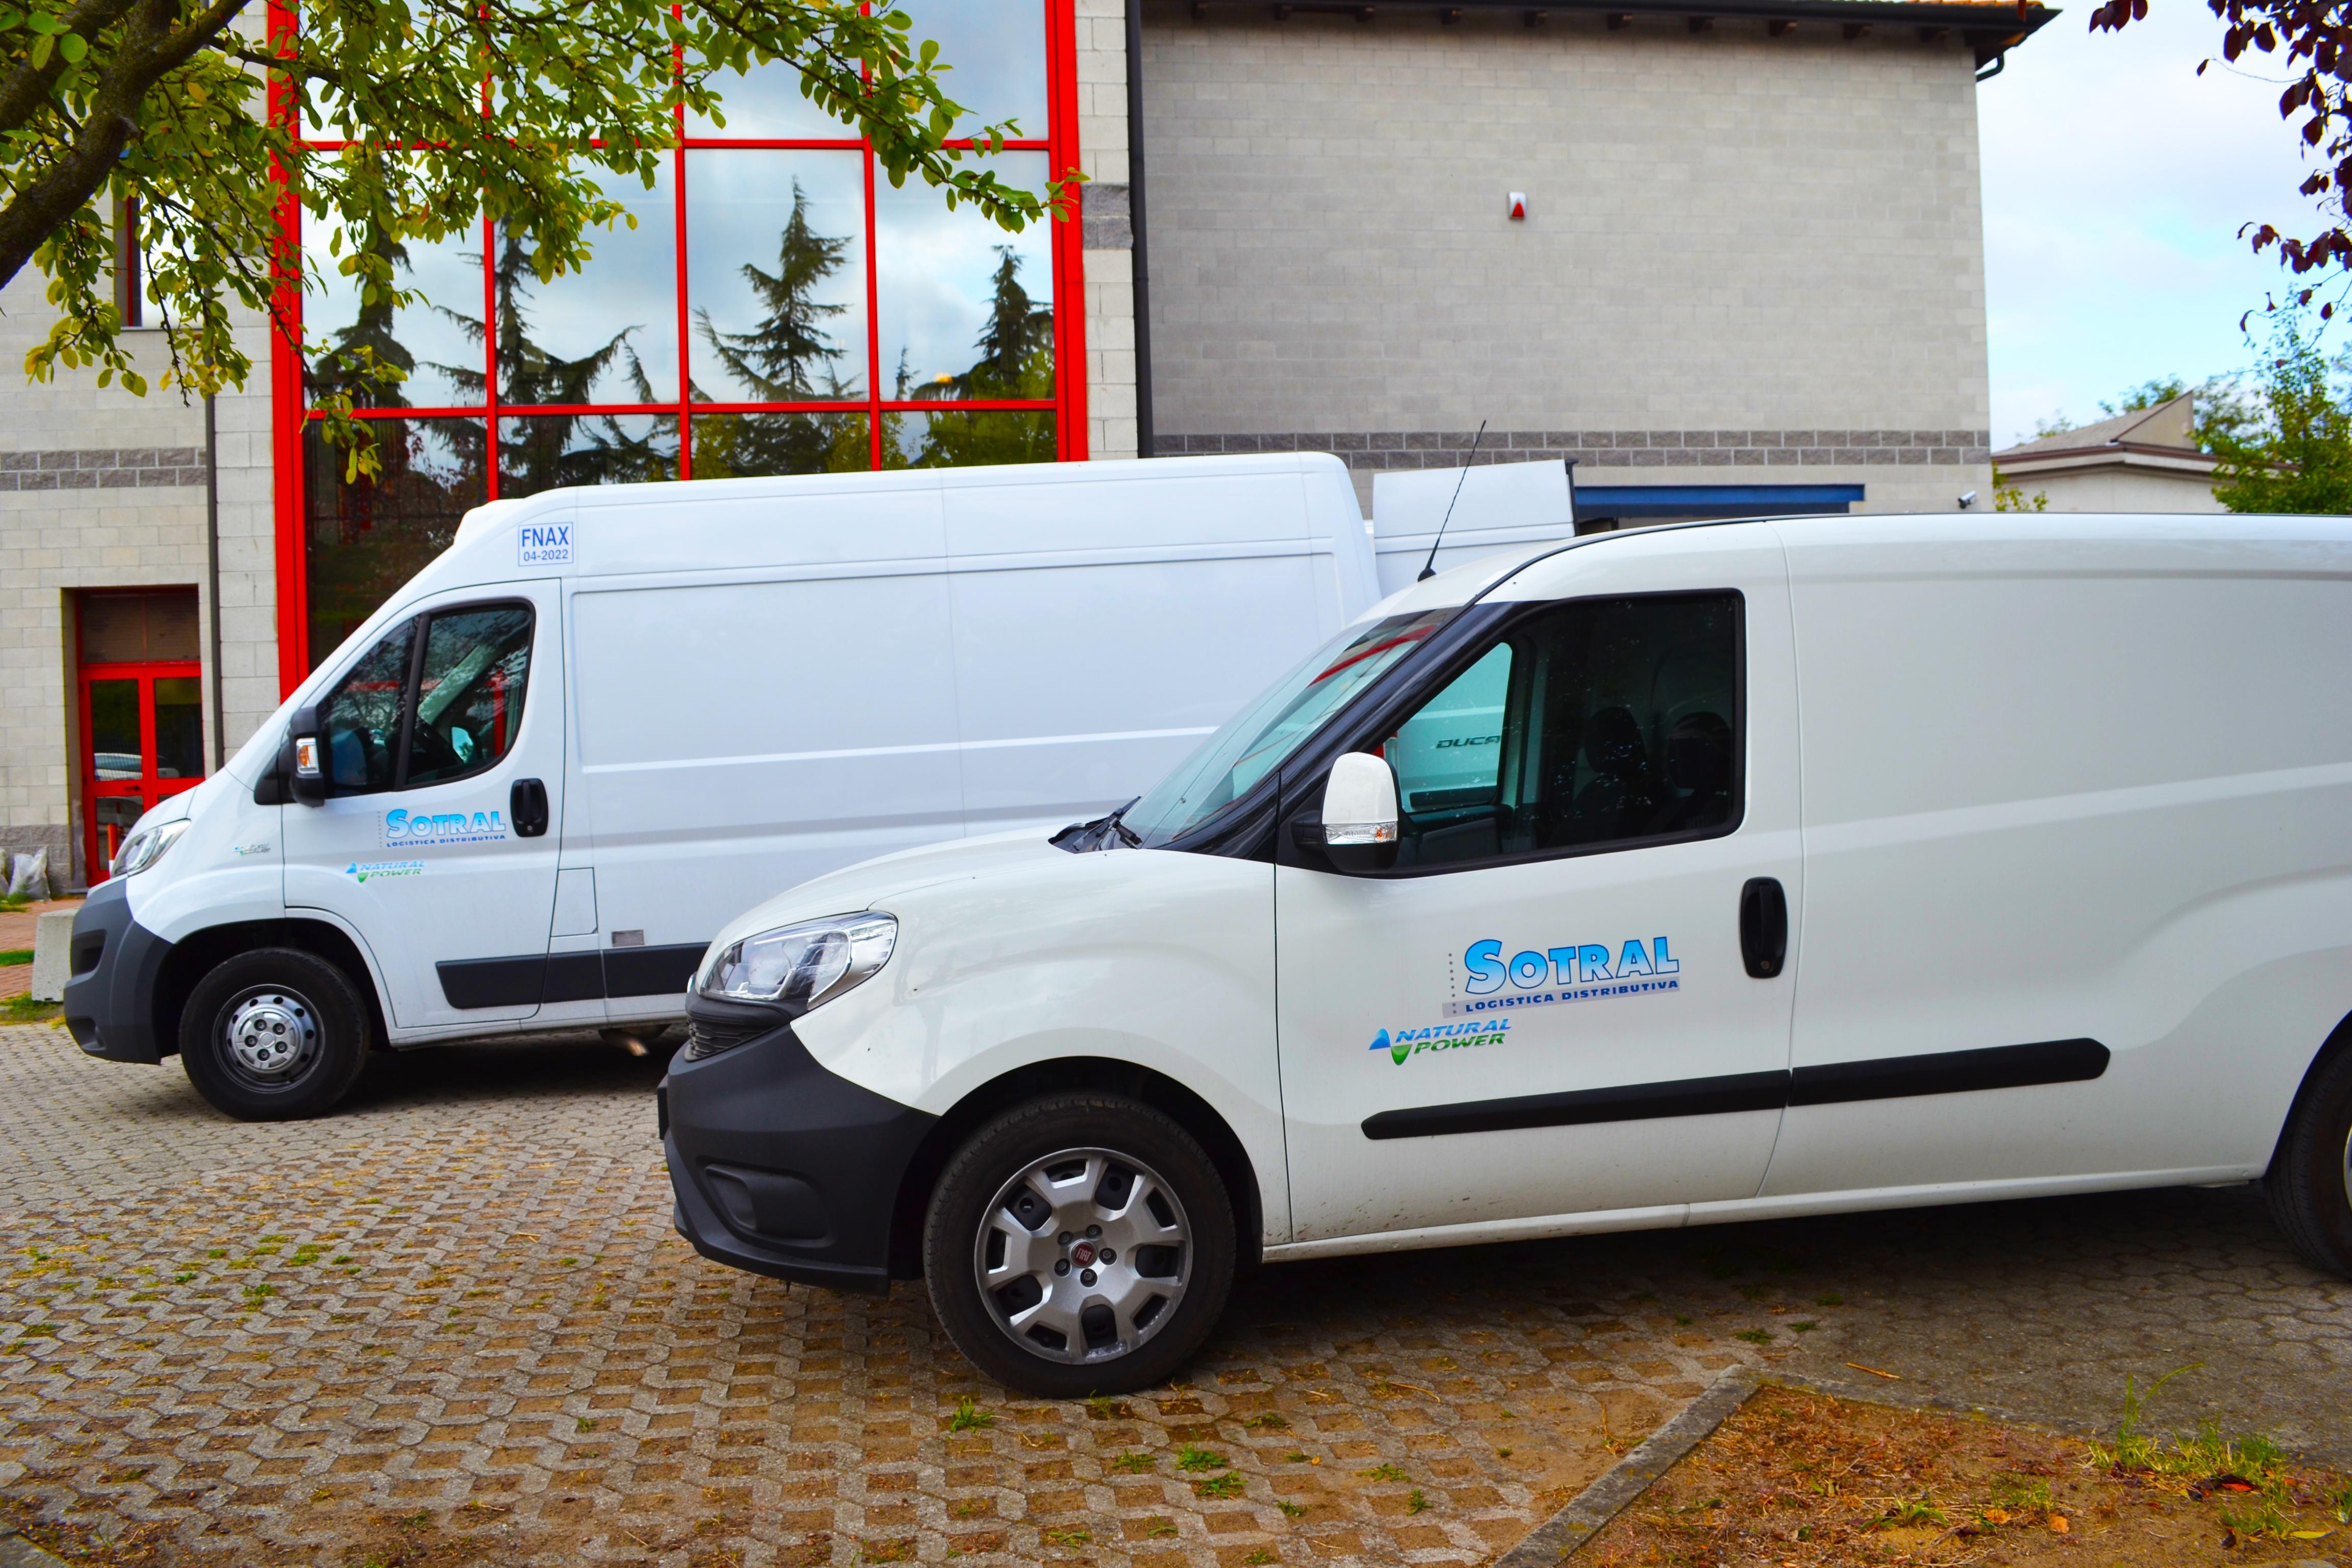 Sotral azienda trasporto pasti automezzi eco driving